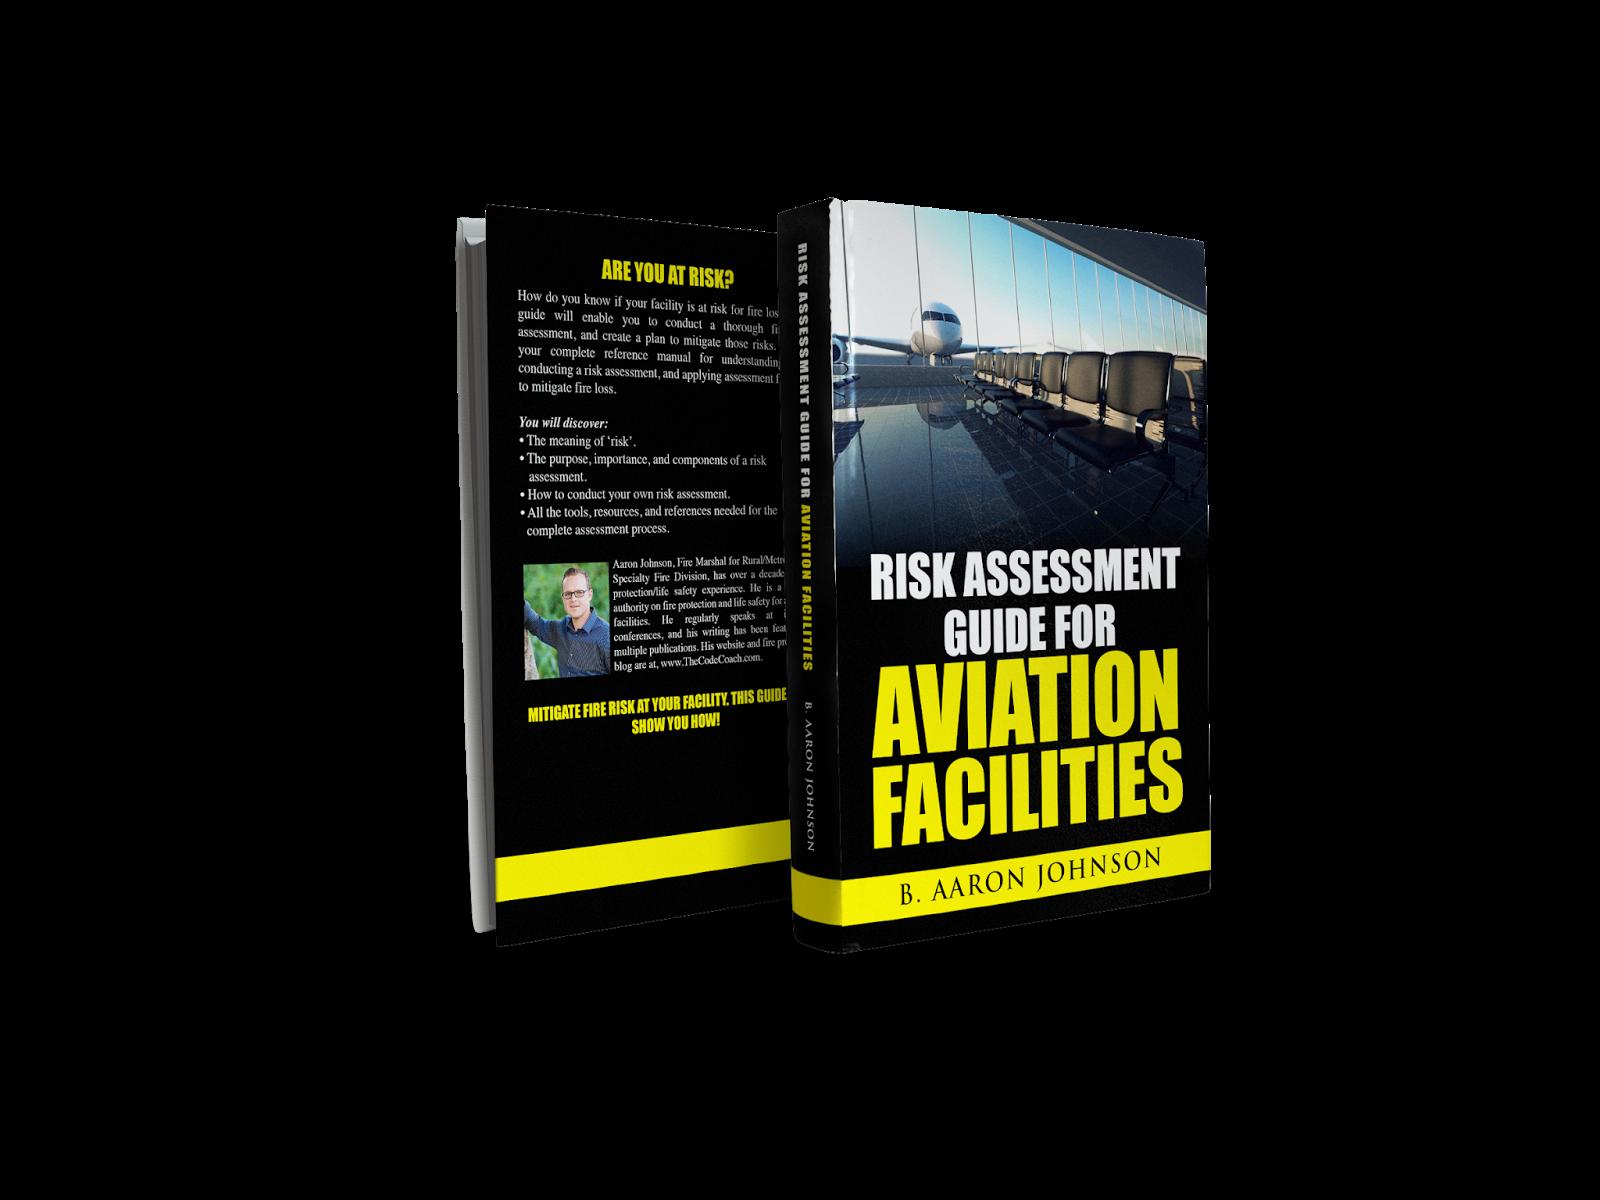 Risk Assessment Guide For Aviation Facilities Media Kit